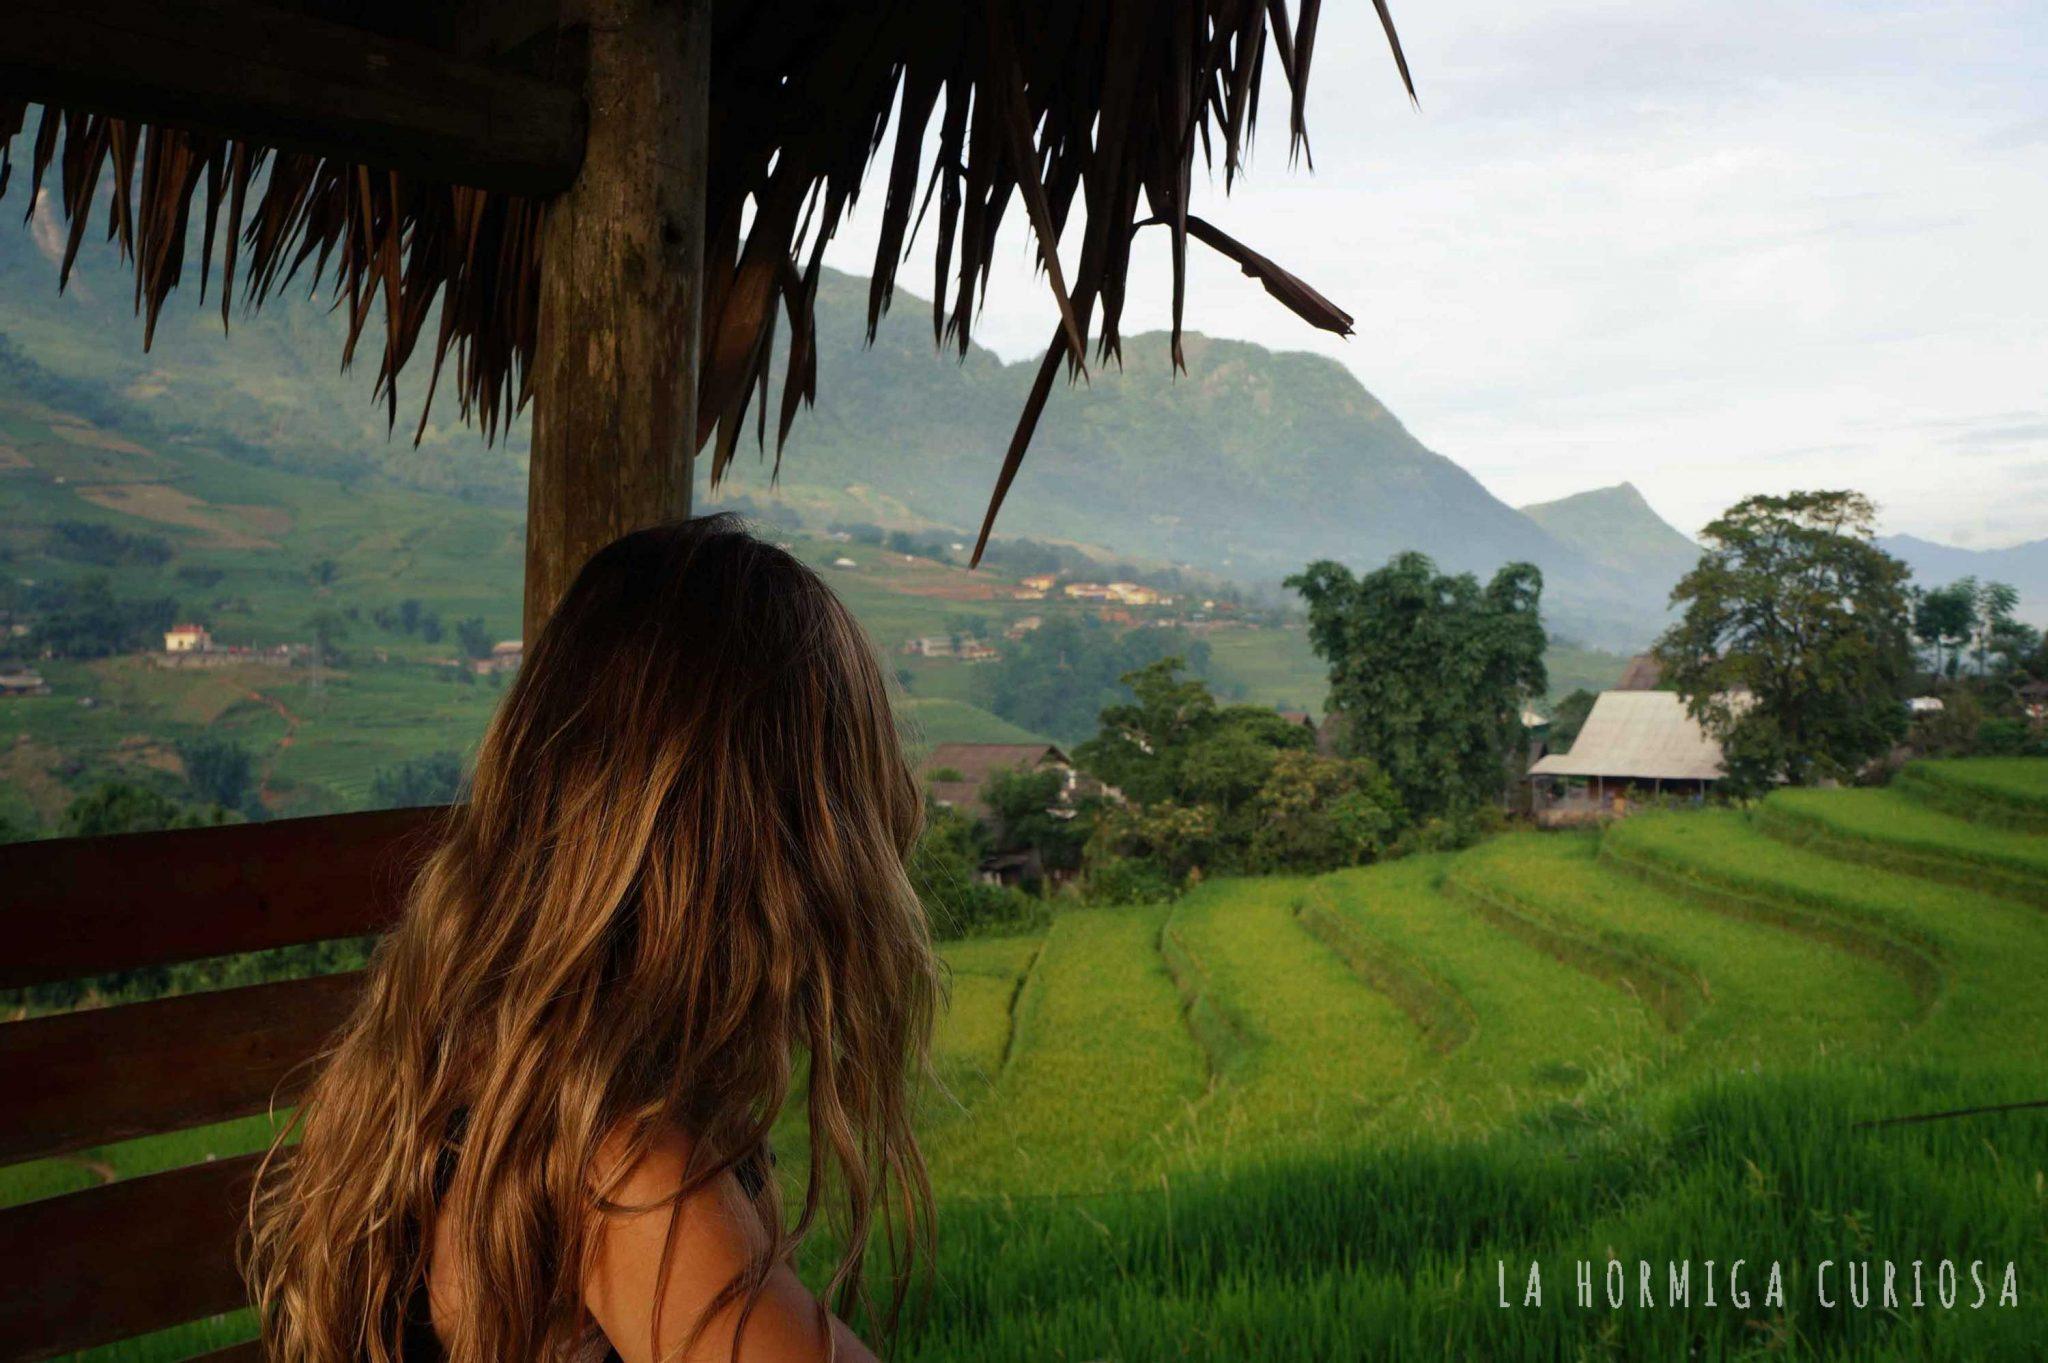 desconexion-entre-arrozales